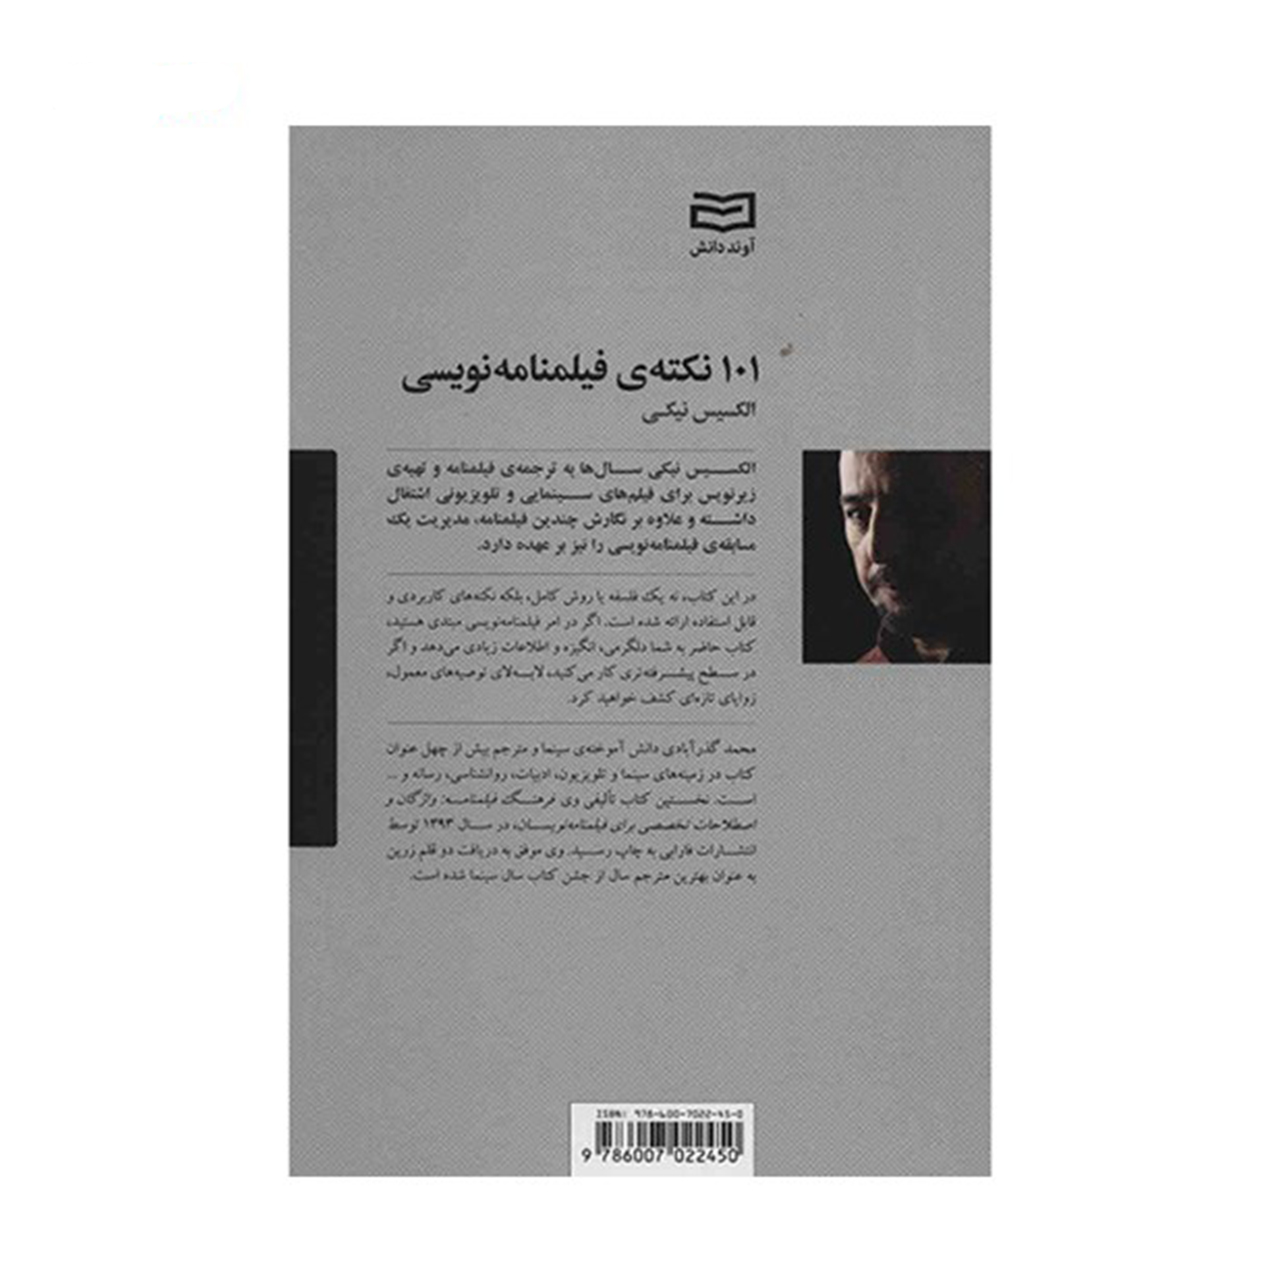 خرید                      کتاب 101 نکته ی فیلمنامه نویسی اثر الکسیس نیکی